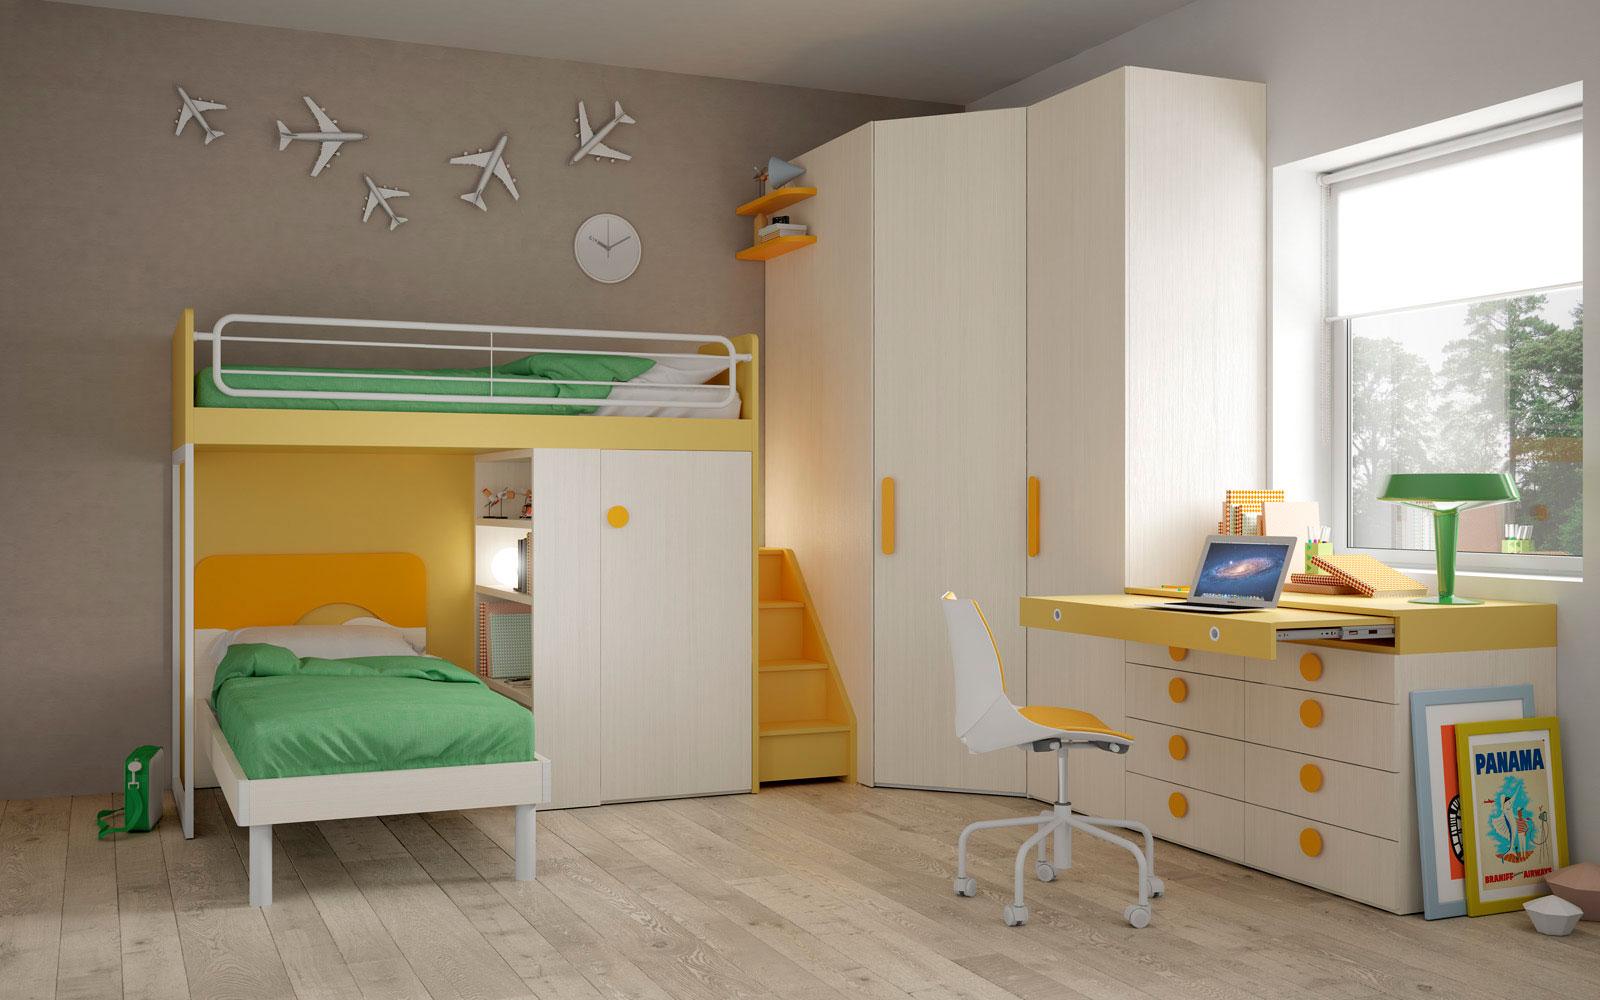 Camerette salvaspazio per bambini e ragazzi la nostra - Ikea bari camerette ...